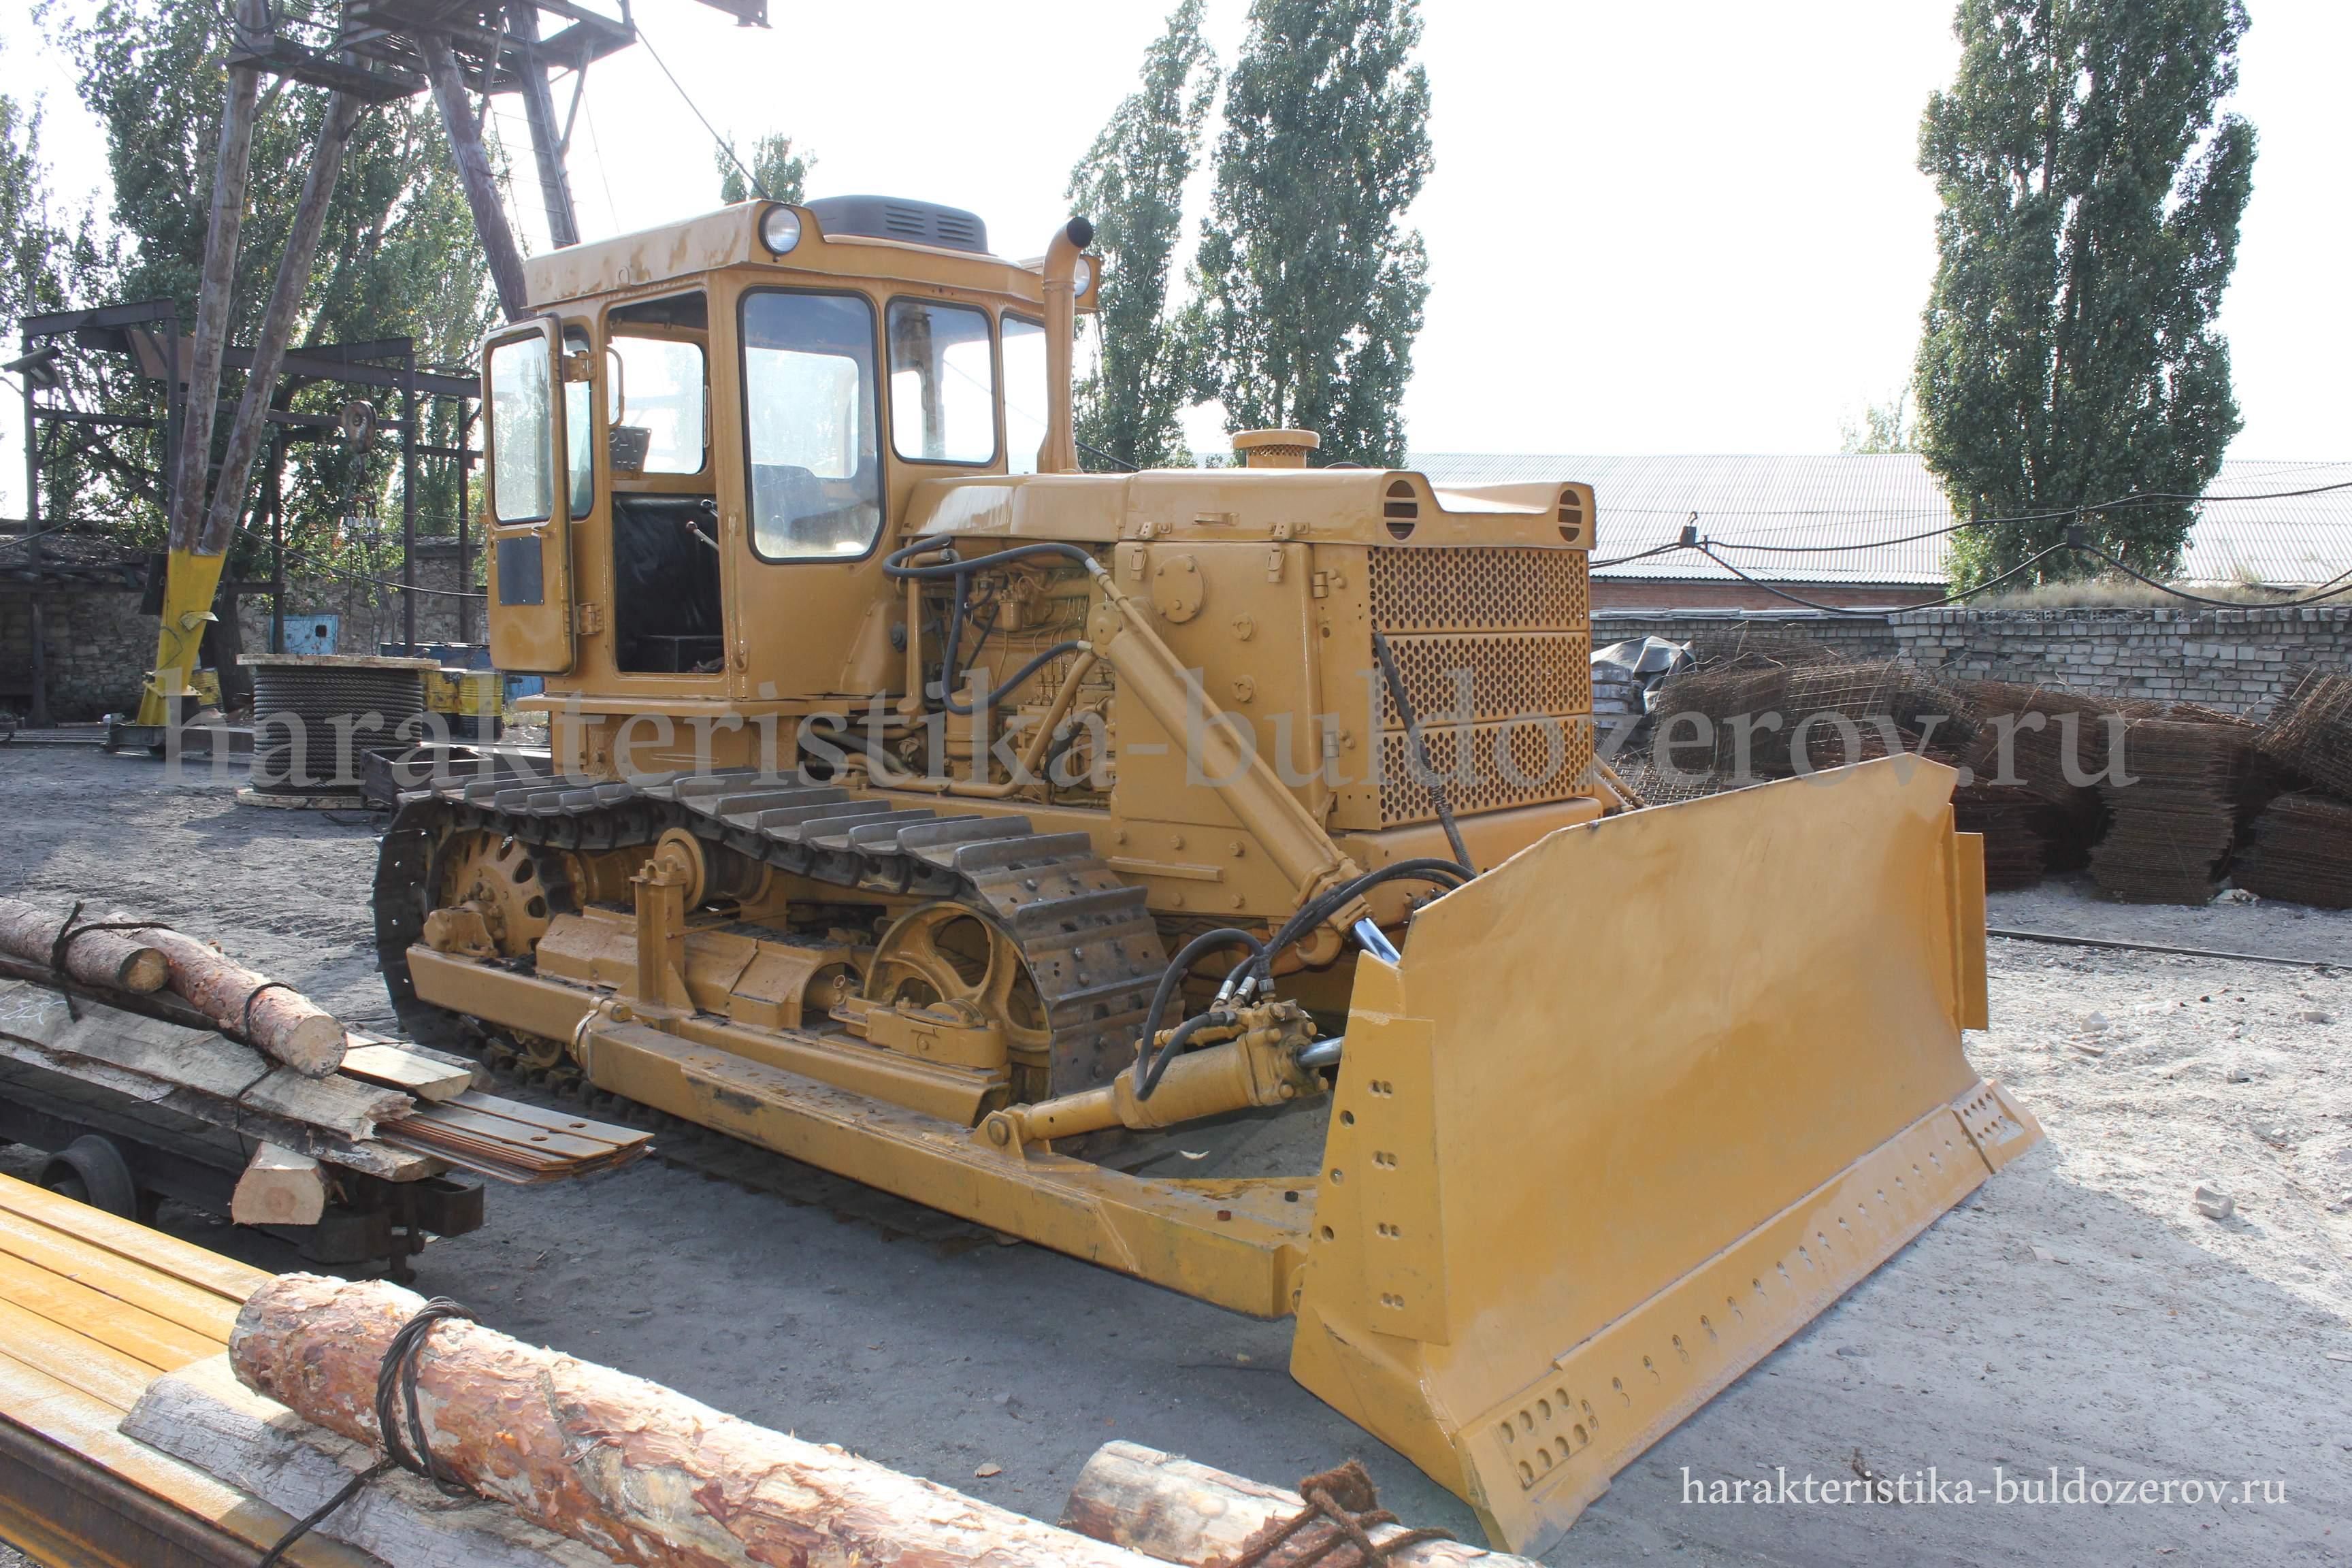 гидравлическая схема трактора т-130